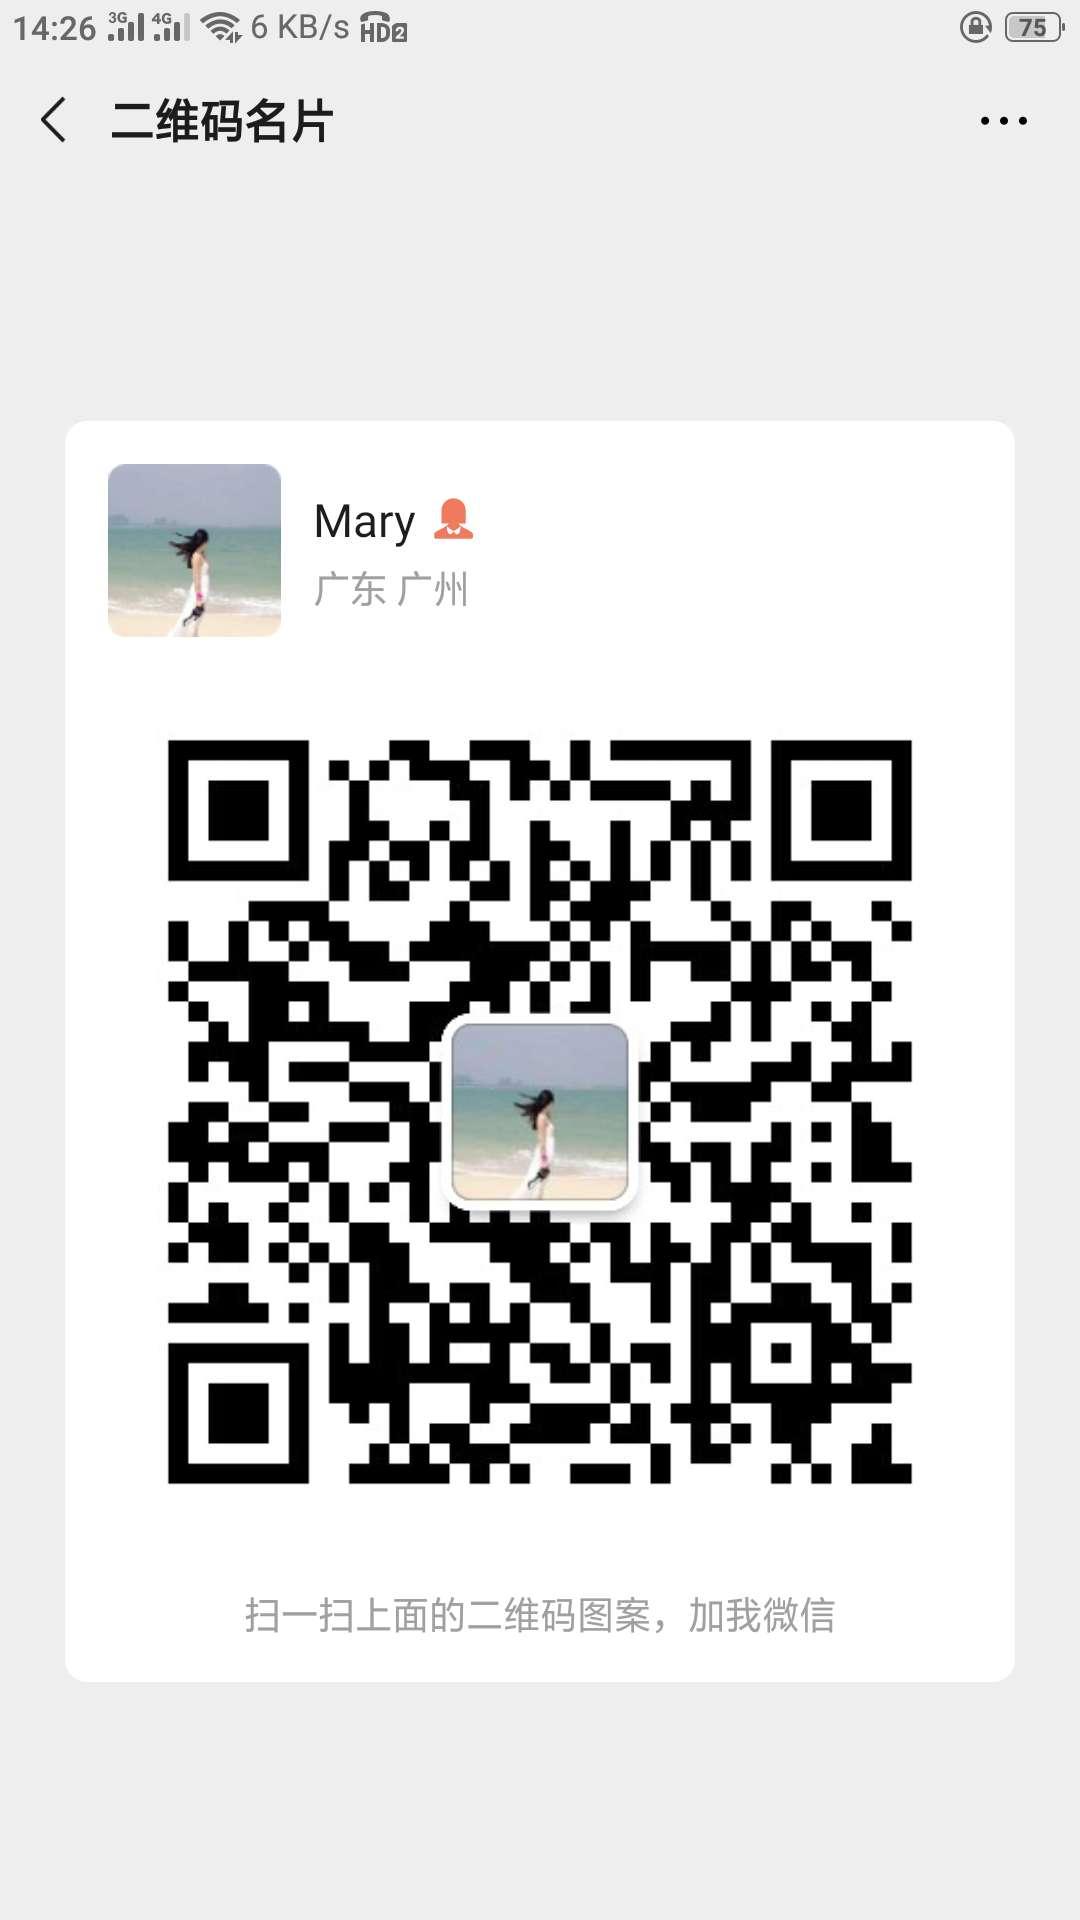 微信图片_20200519200358.jpg